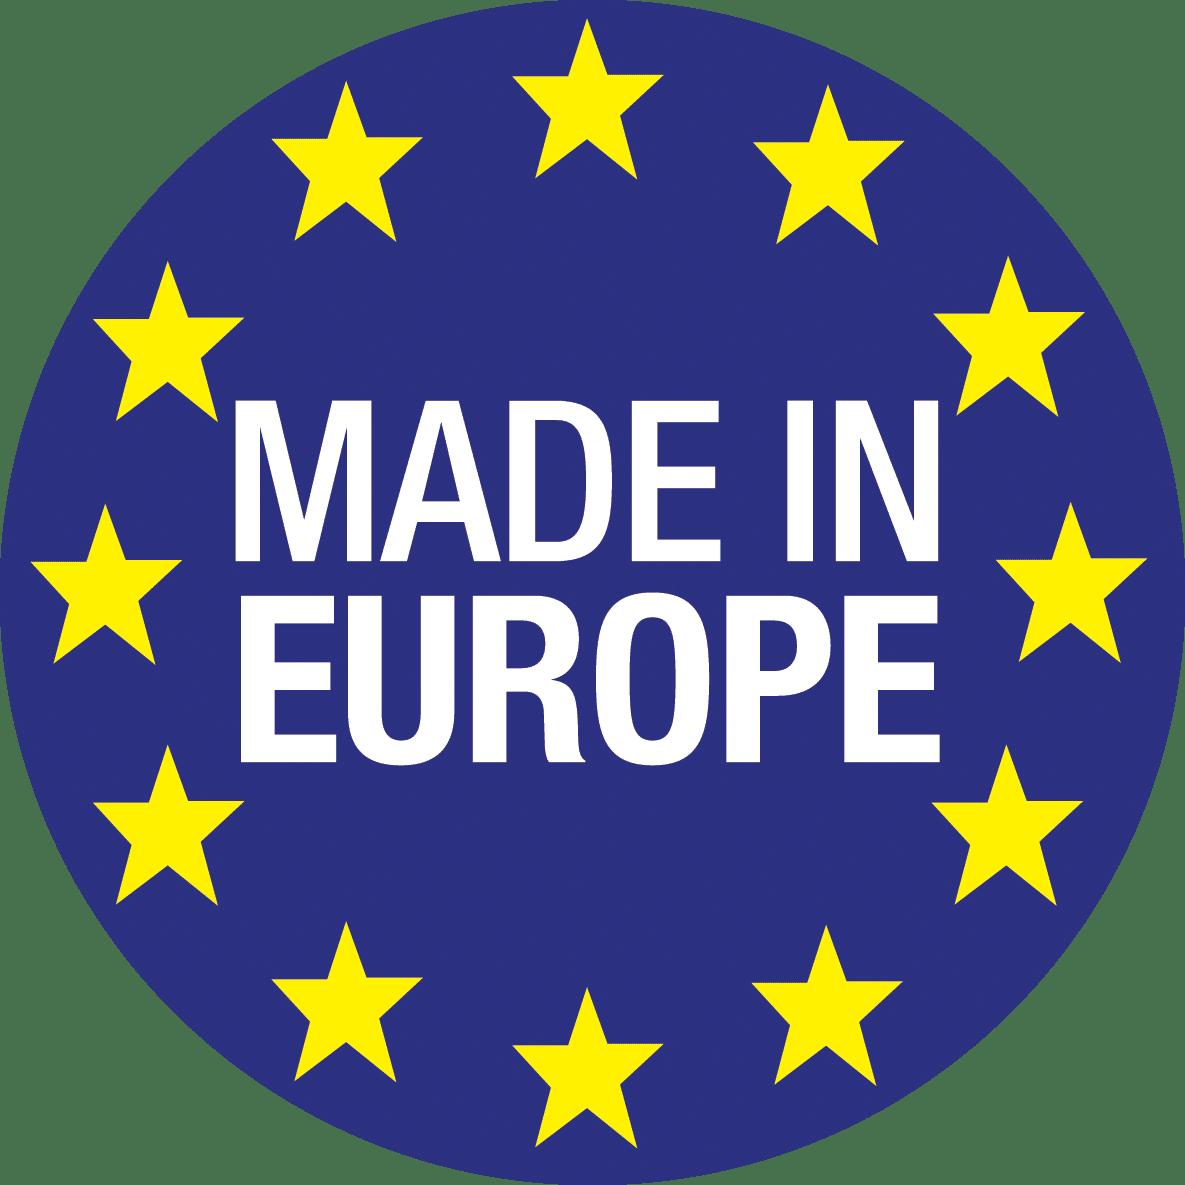 madeineuropenbspAlarmes ET Sécurité